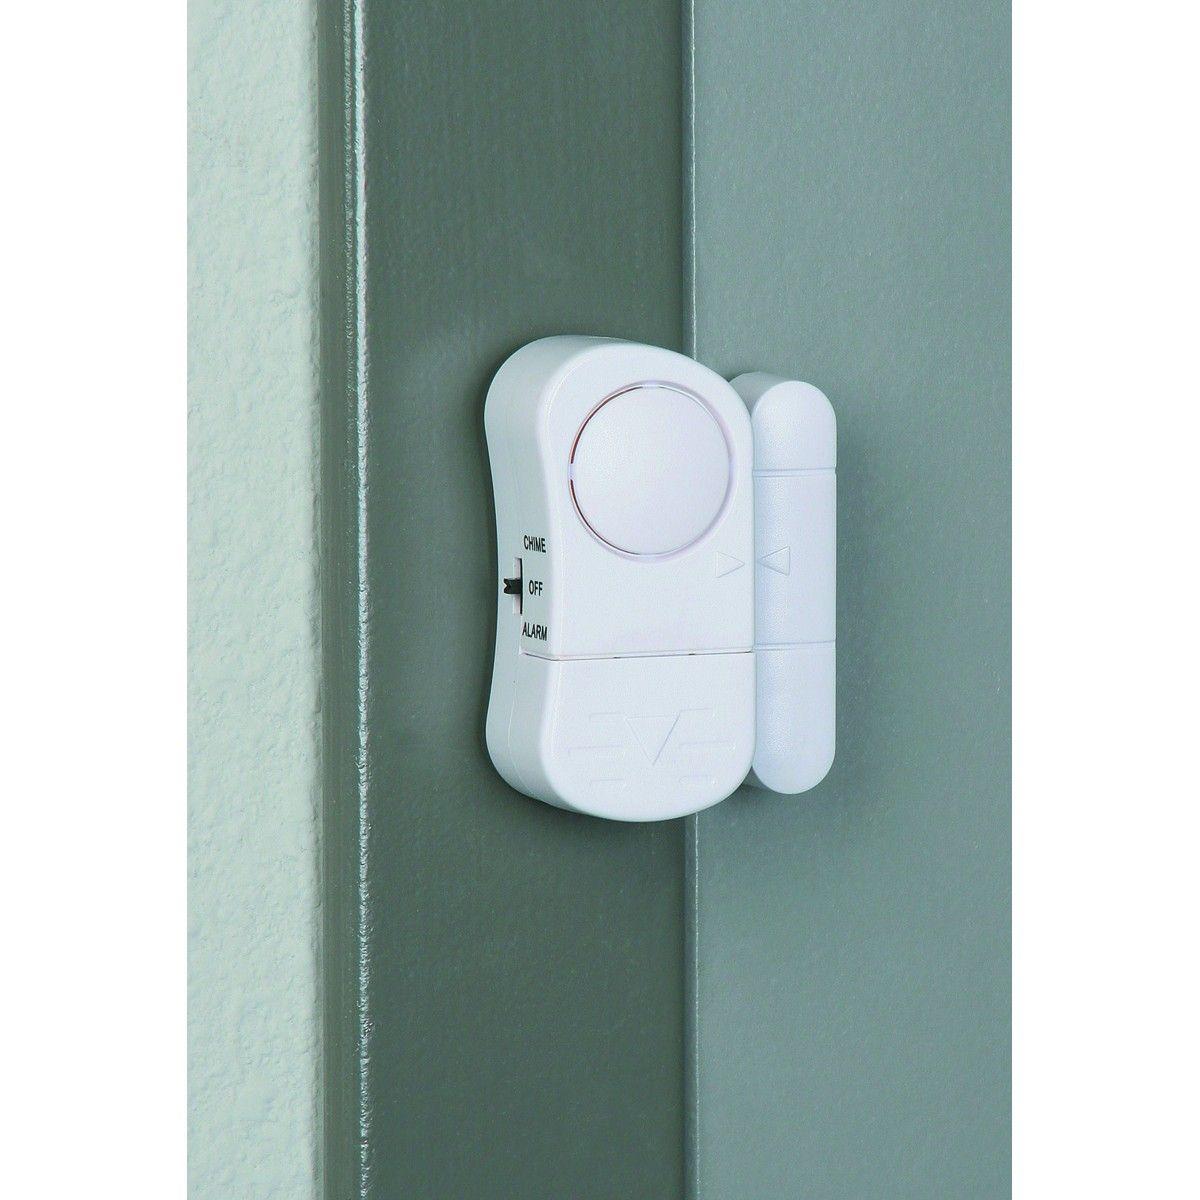 Garage door alarm sensor - Bunker Hill Security 94983 Door Window Entry Alarm